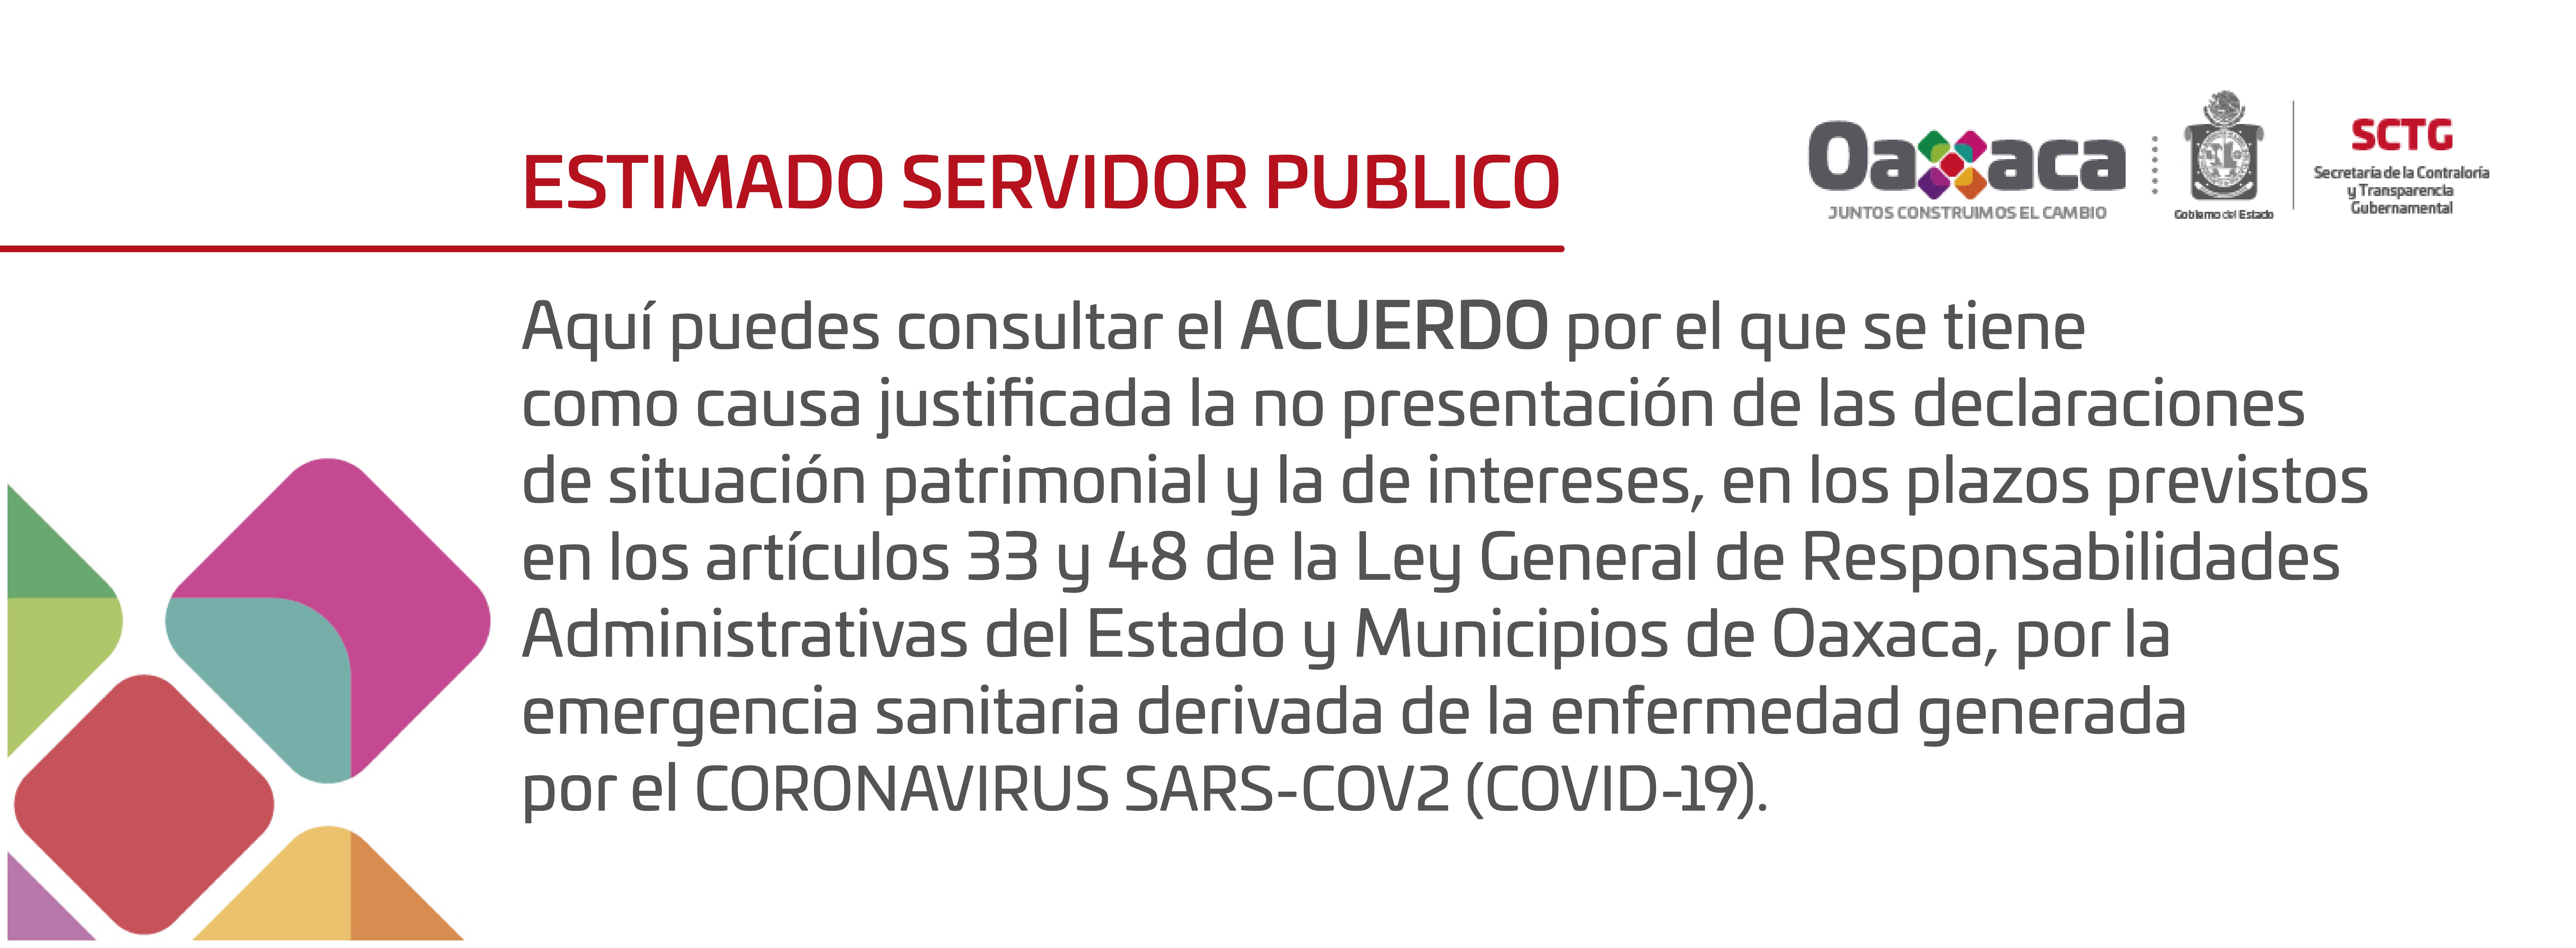 ACUERDO POR EL QUE SE TIENE COMO CAUSA JUSTIFICADA LA NO PRESENTACIÓN DE LAS DECLARACIONES DE SITUACIÓN PATRIMONIAL Y LA DE INTERESES, EN LOS PLAZOS PREVISTOS EN LOS ARTÍCULOS 33 Y 48 DE LA LEY GENERAL DE RESPONSABILIDADES ADMINISTRATIVAS Y 31 y 46 DE LA LEY DE RESPONSABILIDADES ADMINISTRATIVAS DEL ESTADO Y MUNICIPIOS DE OAXACA, POR LA EMERGENCIA SANITARIA DERIVADA DE LA ENFERMEDAD GENERADA POR EL CORONAVIRUS SARS-CoV2 (COVID-19)